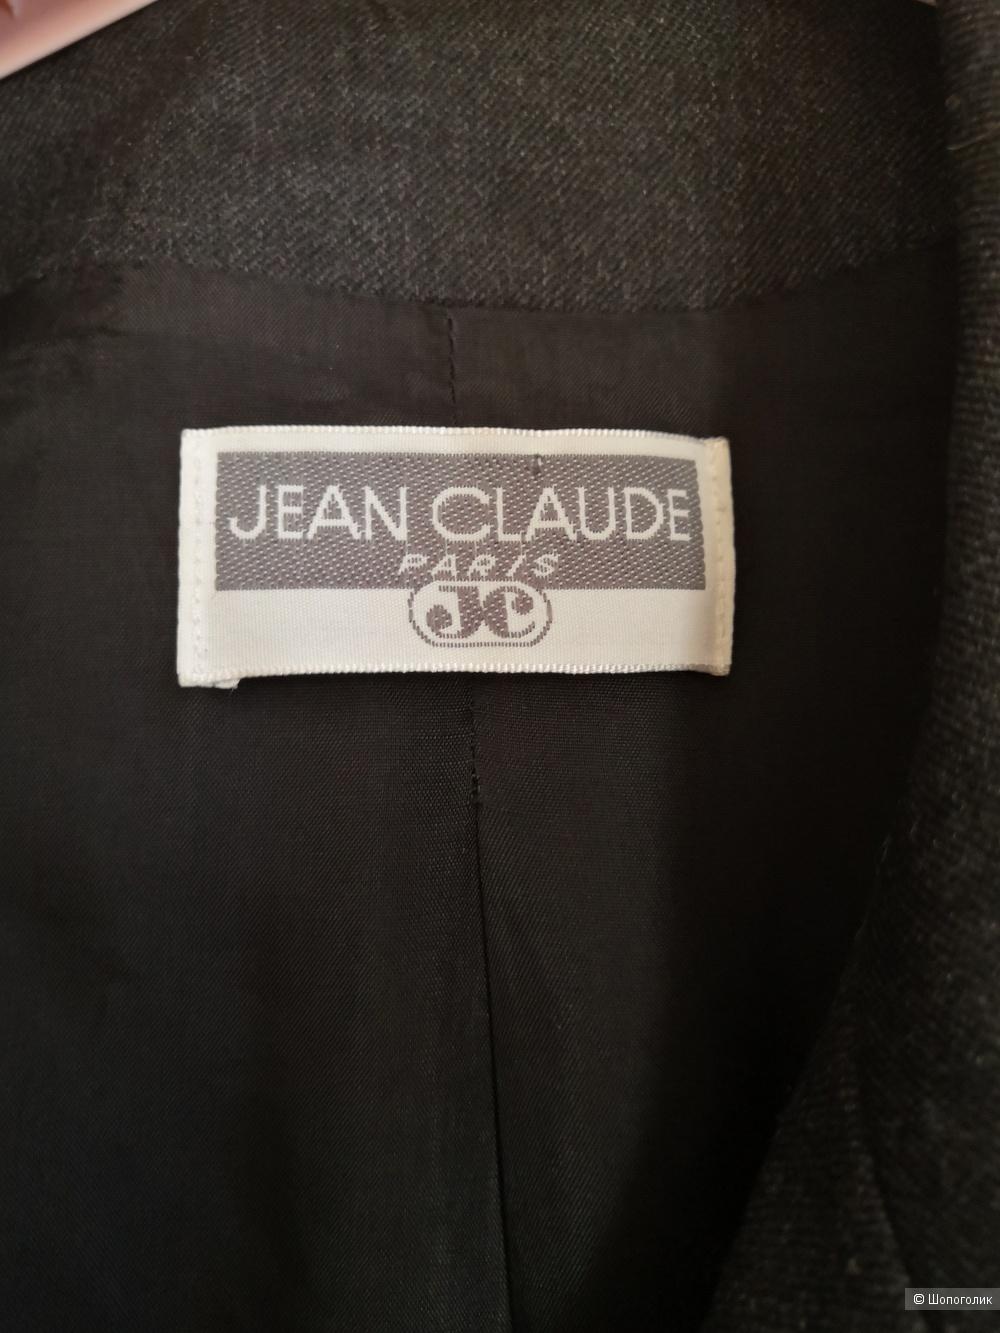 Жакет Jean Claude, размер 48